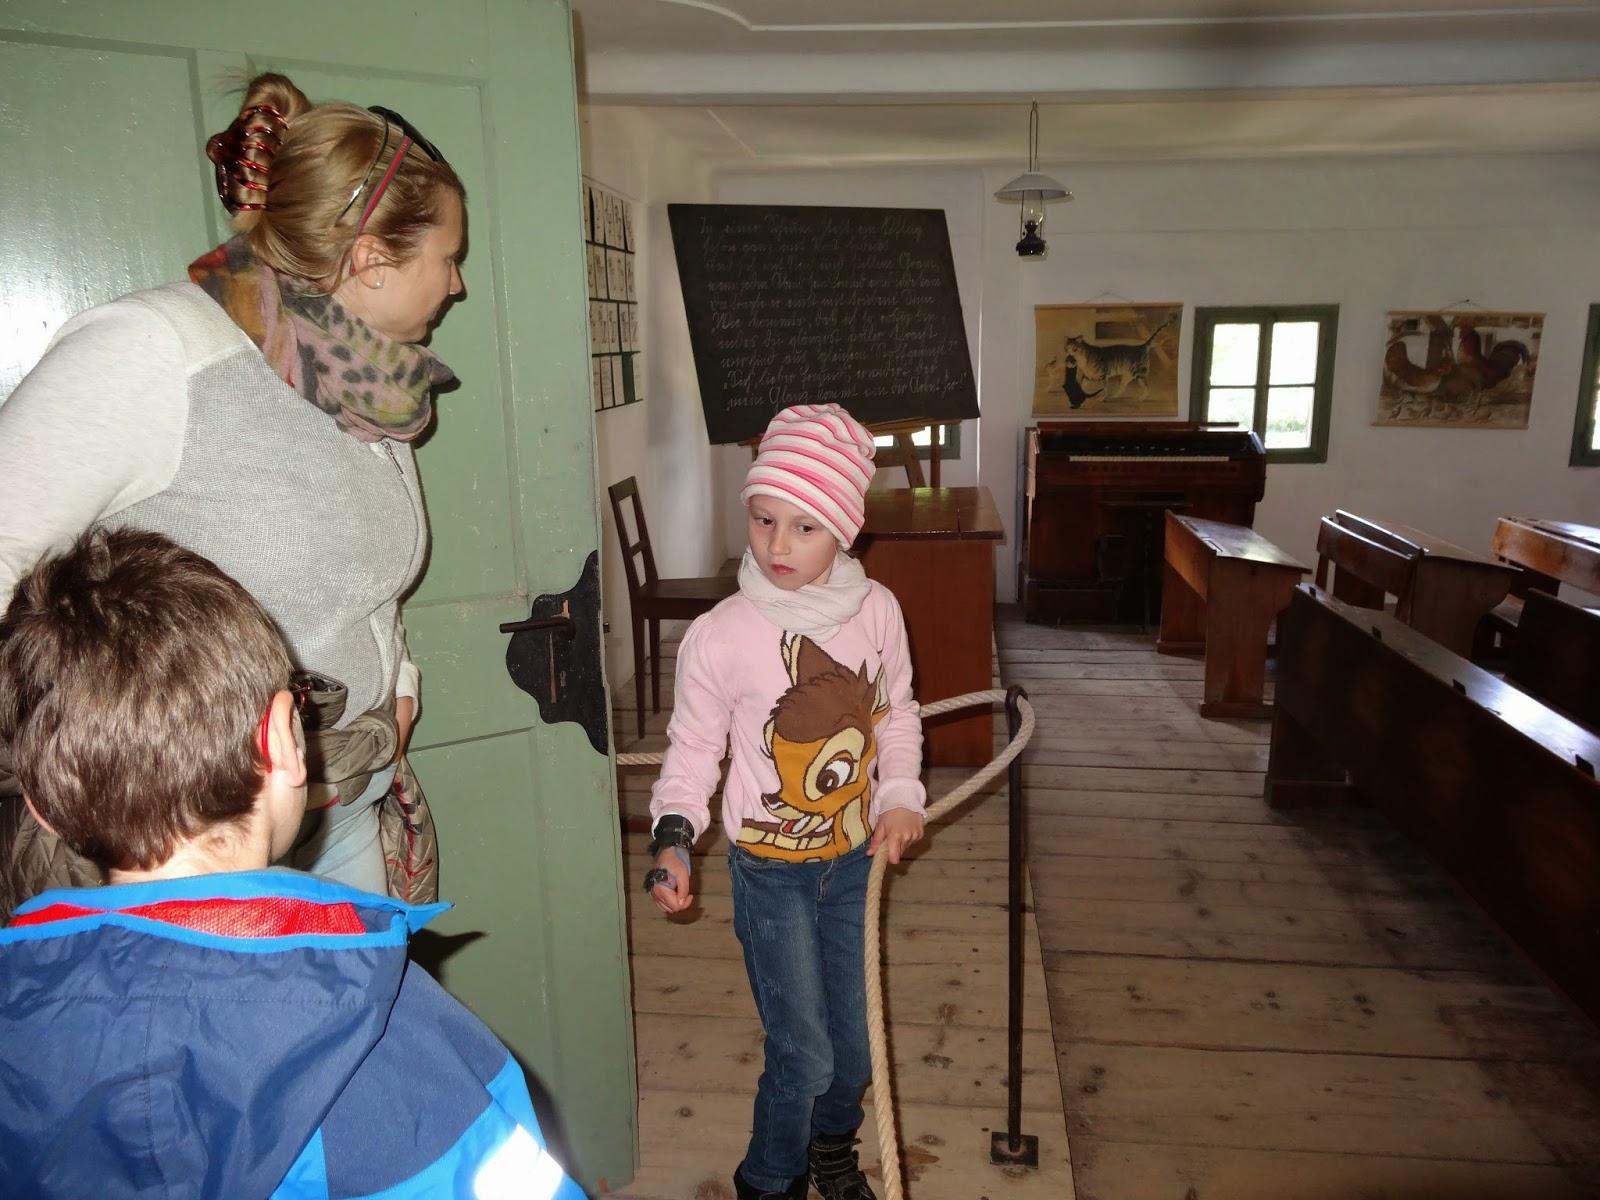 schule f r k rperbehinderte kinder in salzburg 1v 8m ausflug ins freilichtmuseum. Black Bedroom Furniture Sets. Home Design Ideas